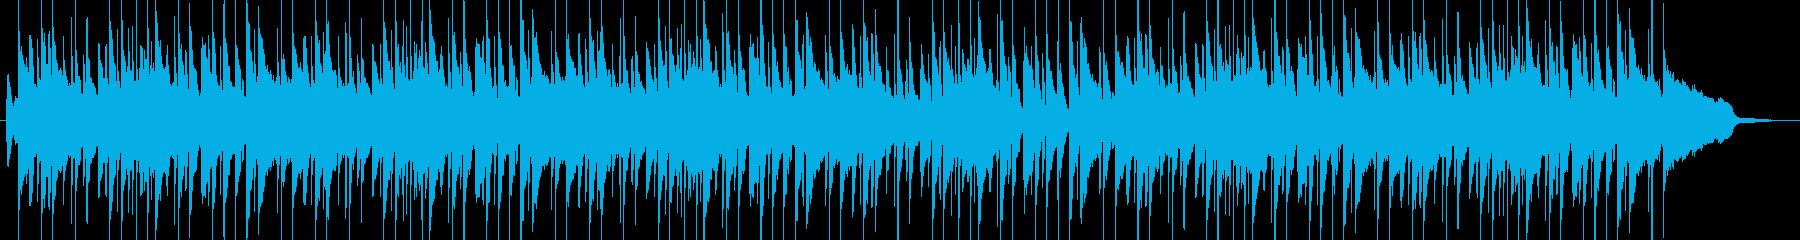 誕生日にぴったりの童謡カバーの再生済みの波形